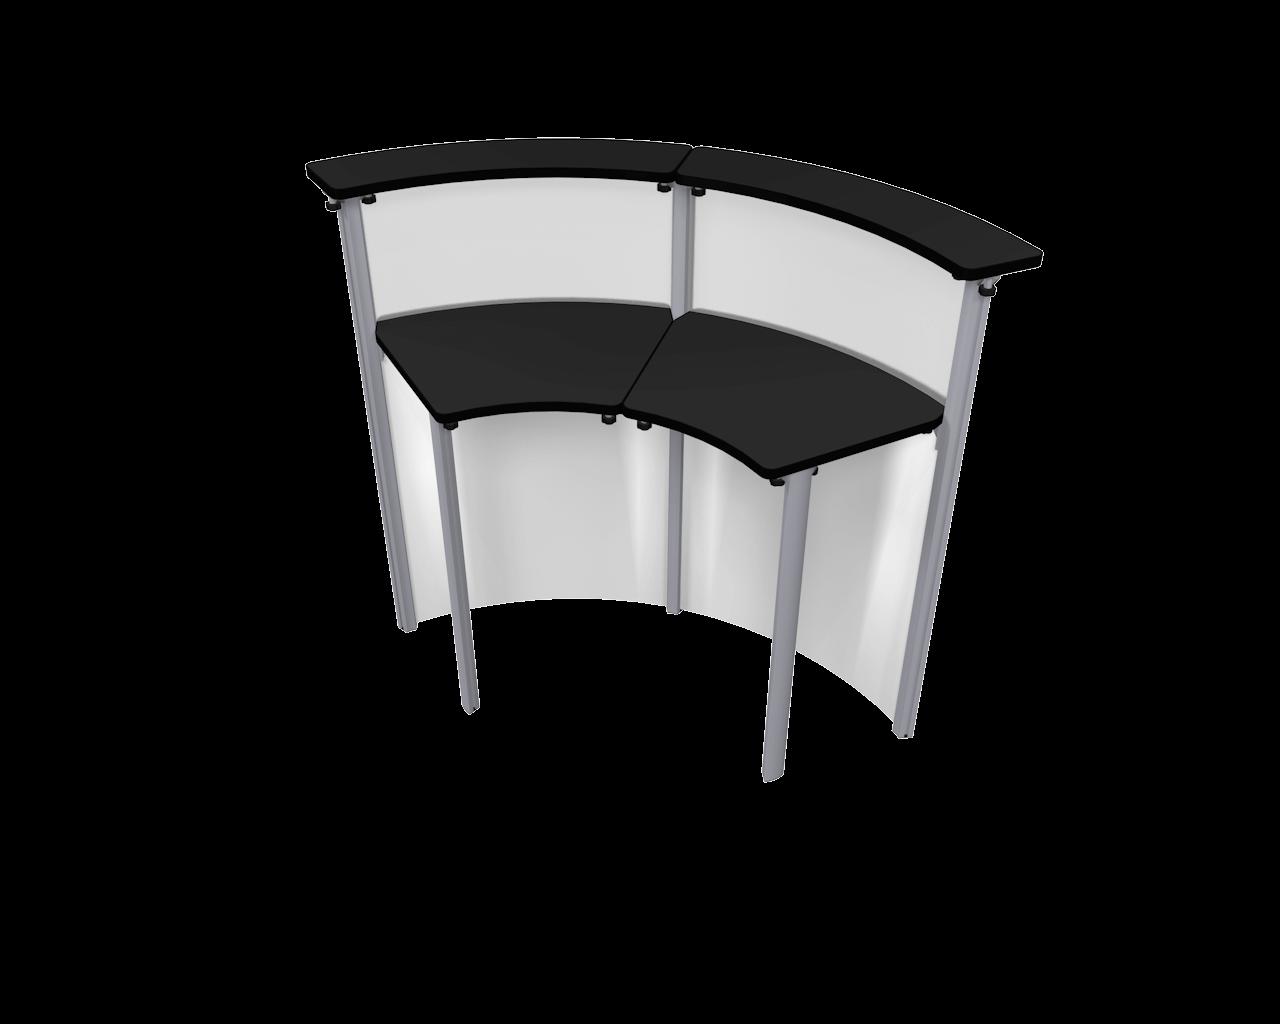 Exhibitline RD45.2 Reception Desk